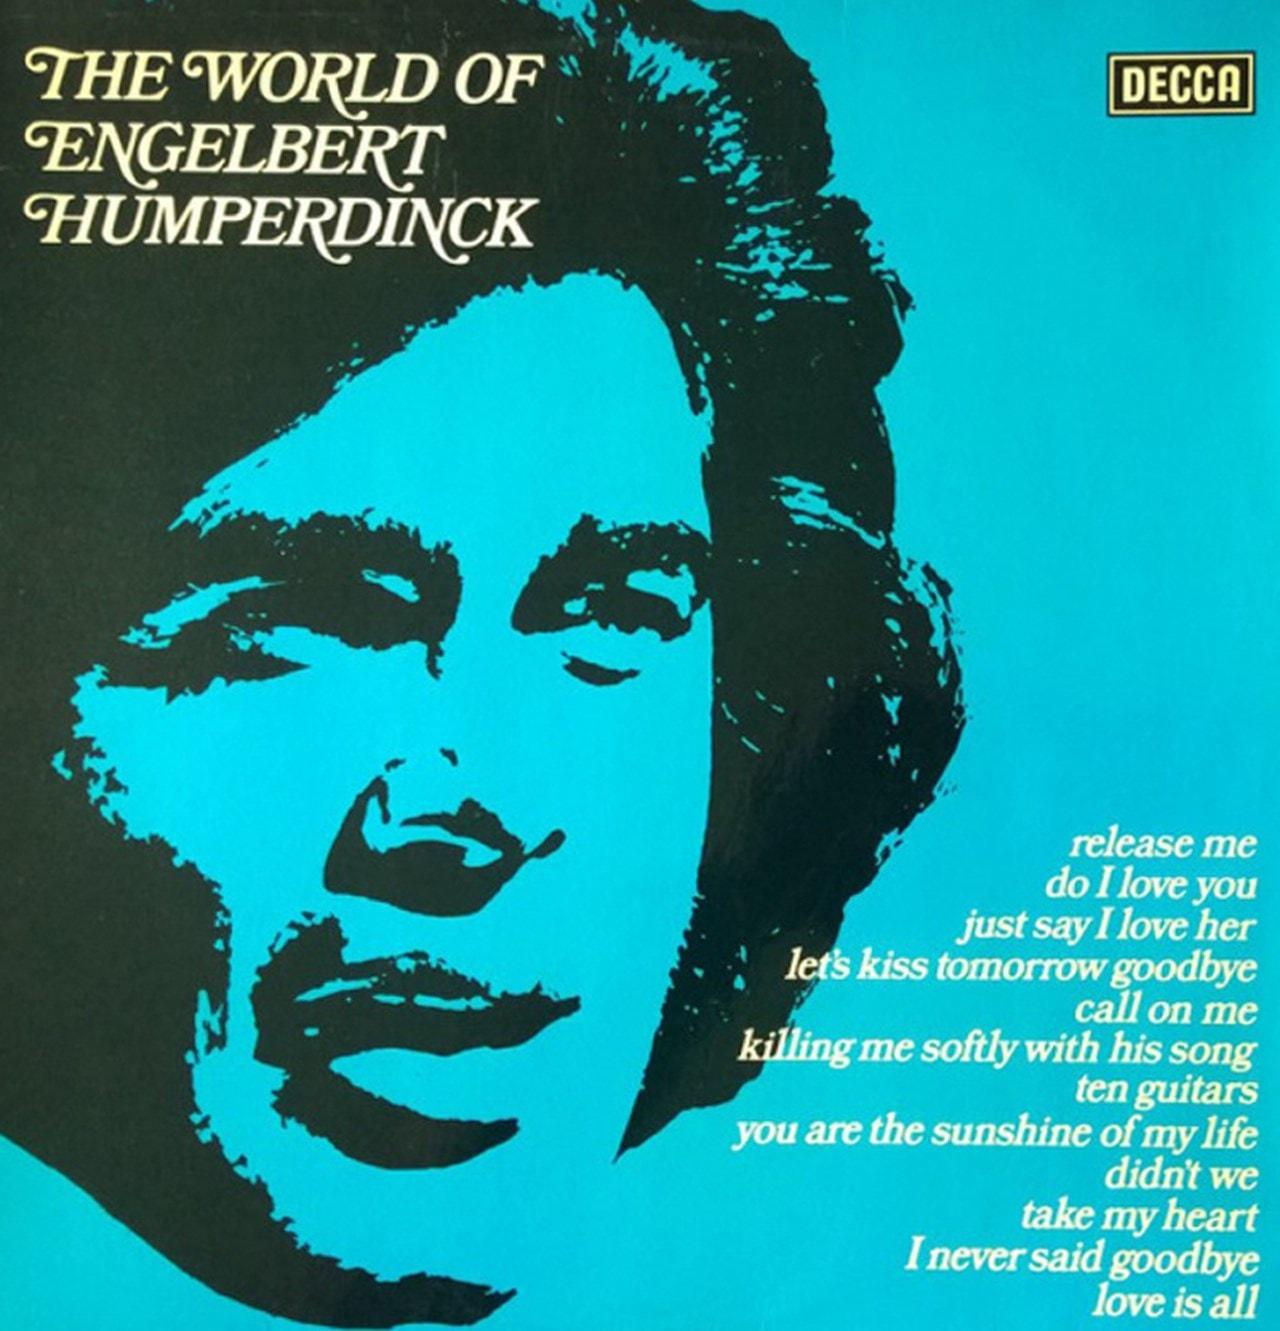 The World of Engelbert Humperdinck - 1